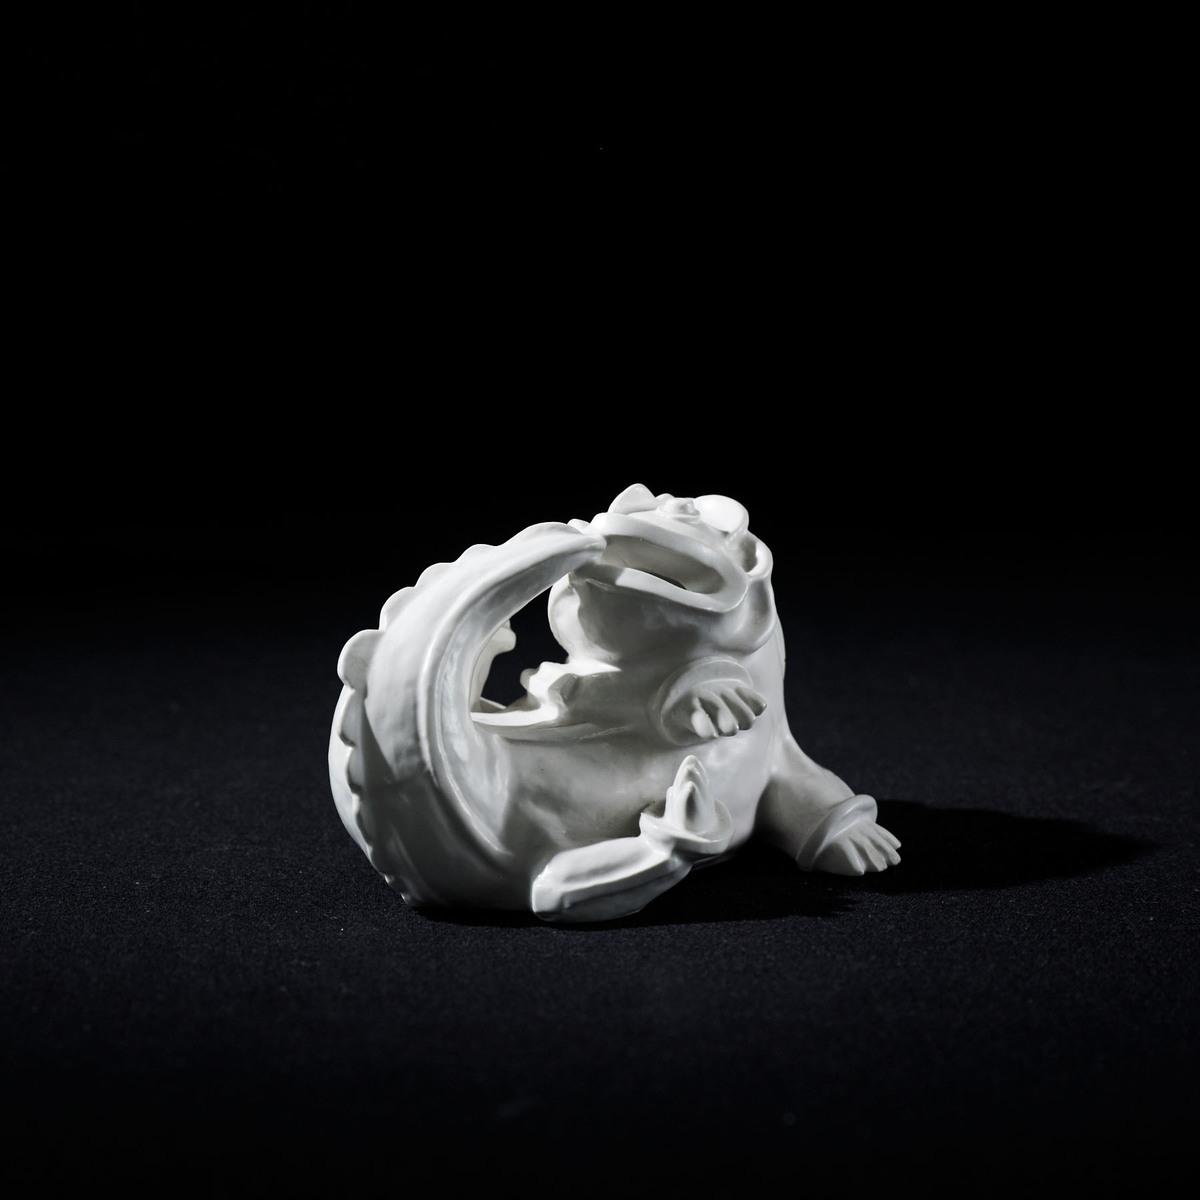 'Drakvalp' figurine by Wilhelm Kåge